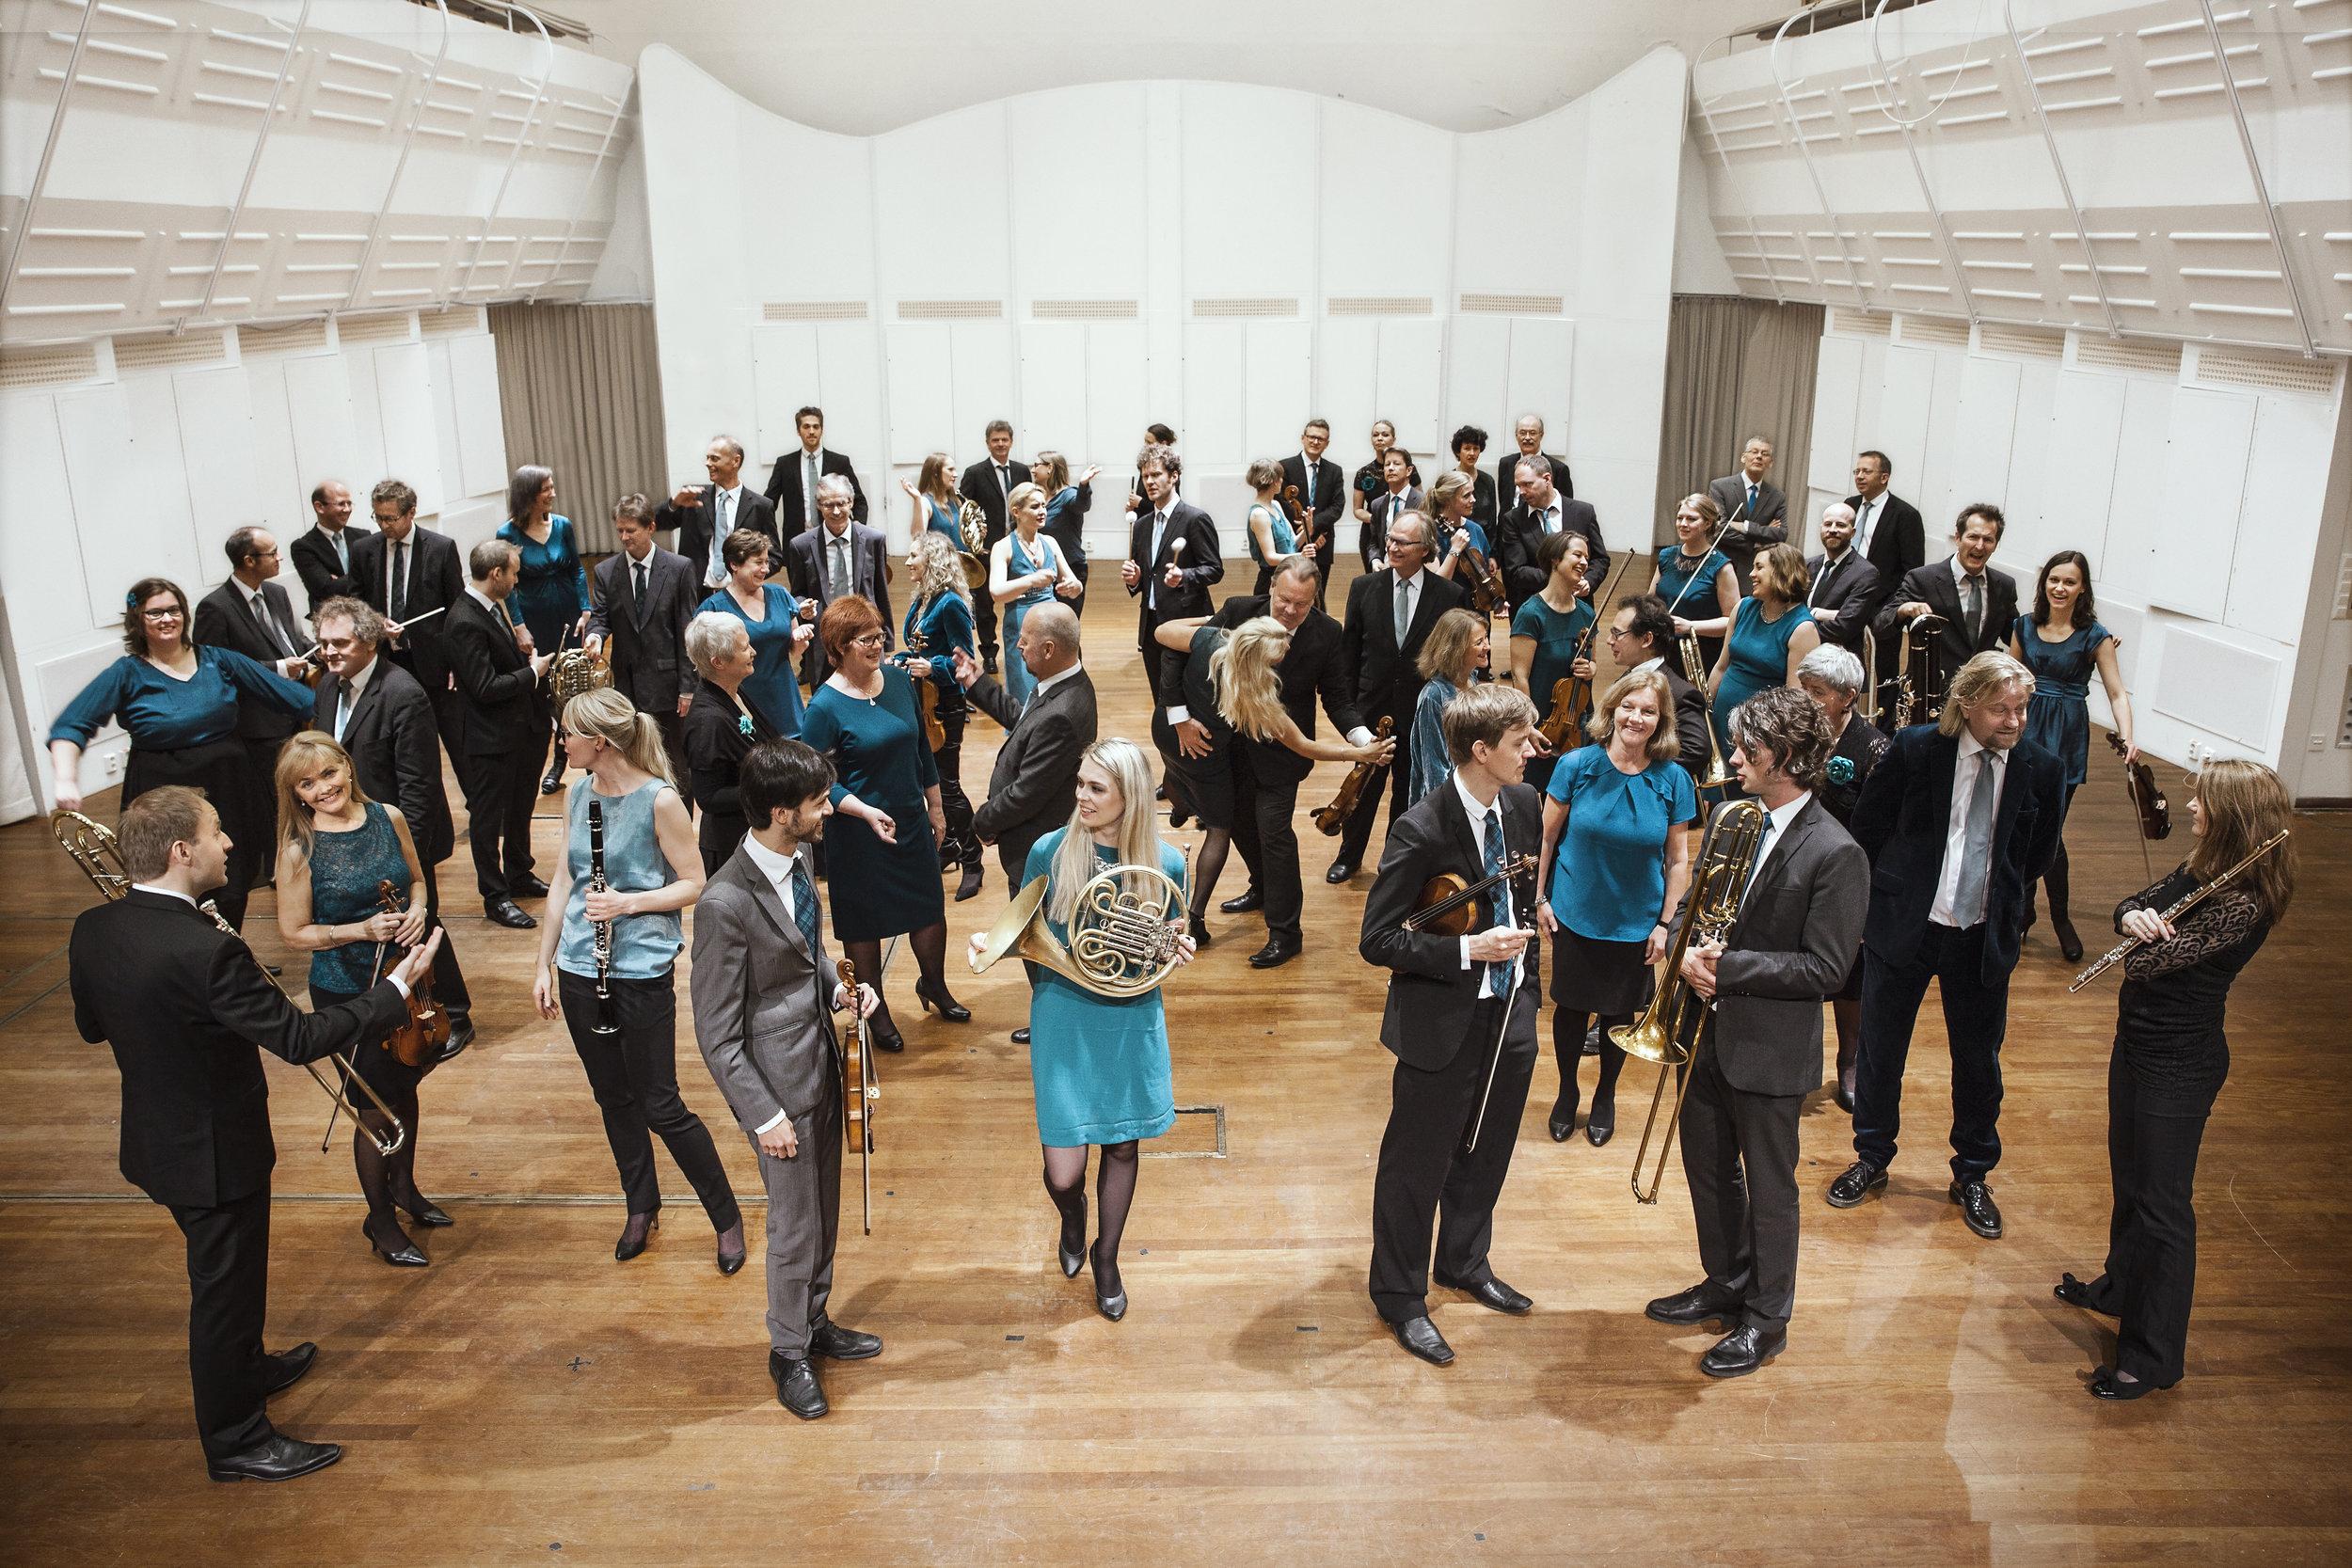 - Kringkastingorkestret (KORK) er et orkester på høyt internasjonalt nivå, tilknyttet NRK. Siden starten i 1946 har det blitt kjent både for sin kunstneriske kvalitet, sin allsidighet og lekenhet. KORK spiller alt fra symfonisk repertoar og samtidsmusikk til pop, rock, jazz og folkemusikk, og har samarbeidet med en rekke store internasjonale solister og dirigenter. Miguel Harth-Bedoya er orkestrets sjefdirigent.